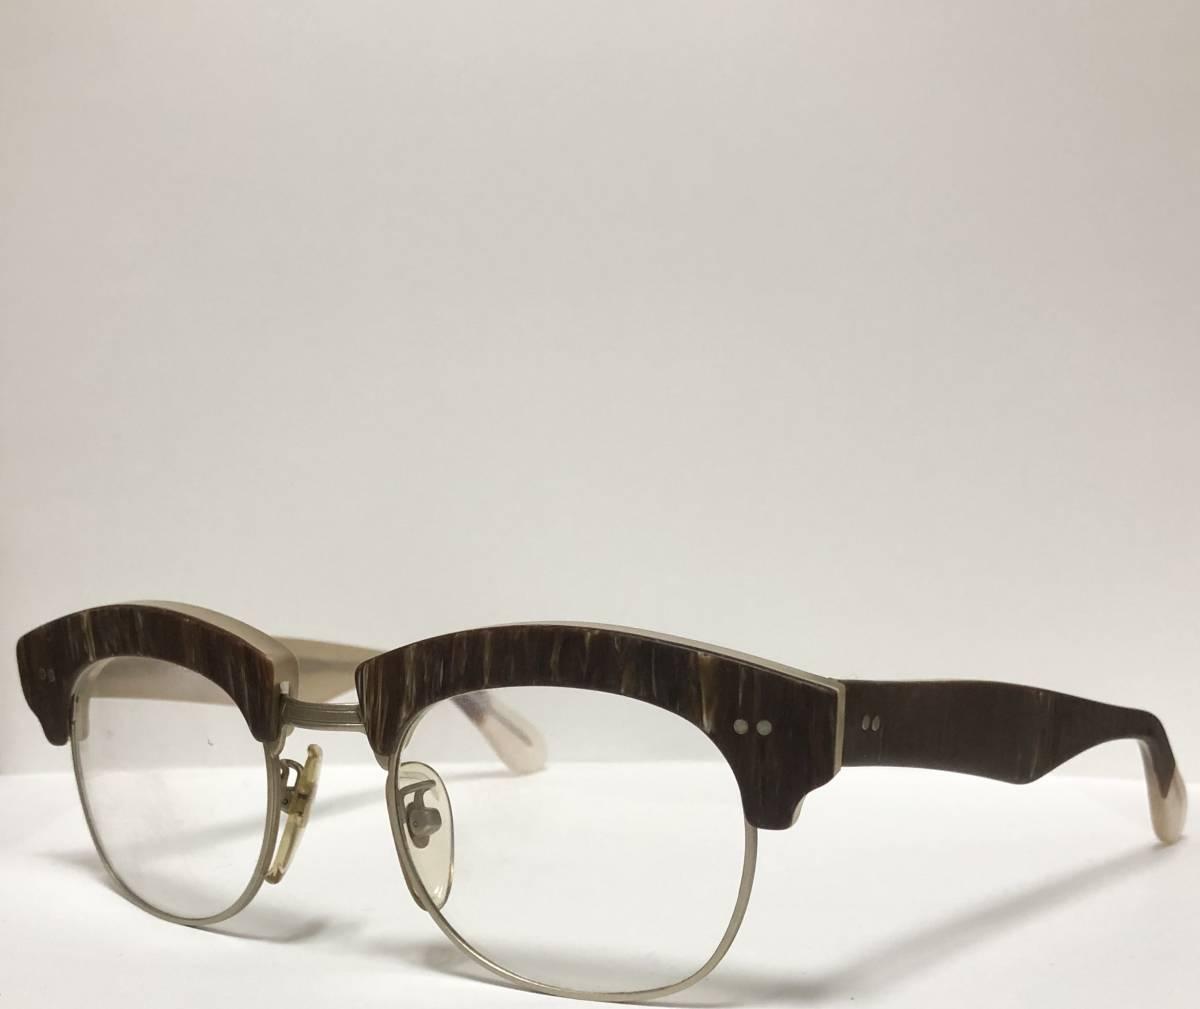 【ビンテージ・新品】1990年代 l.a. Eyeworks イタリア製 高級メガネ エルエーアイワークス ギガンター /ヴィンテージ 米国ブランド_画像3